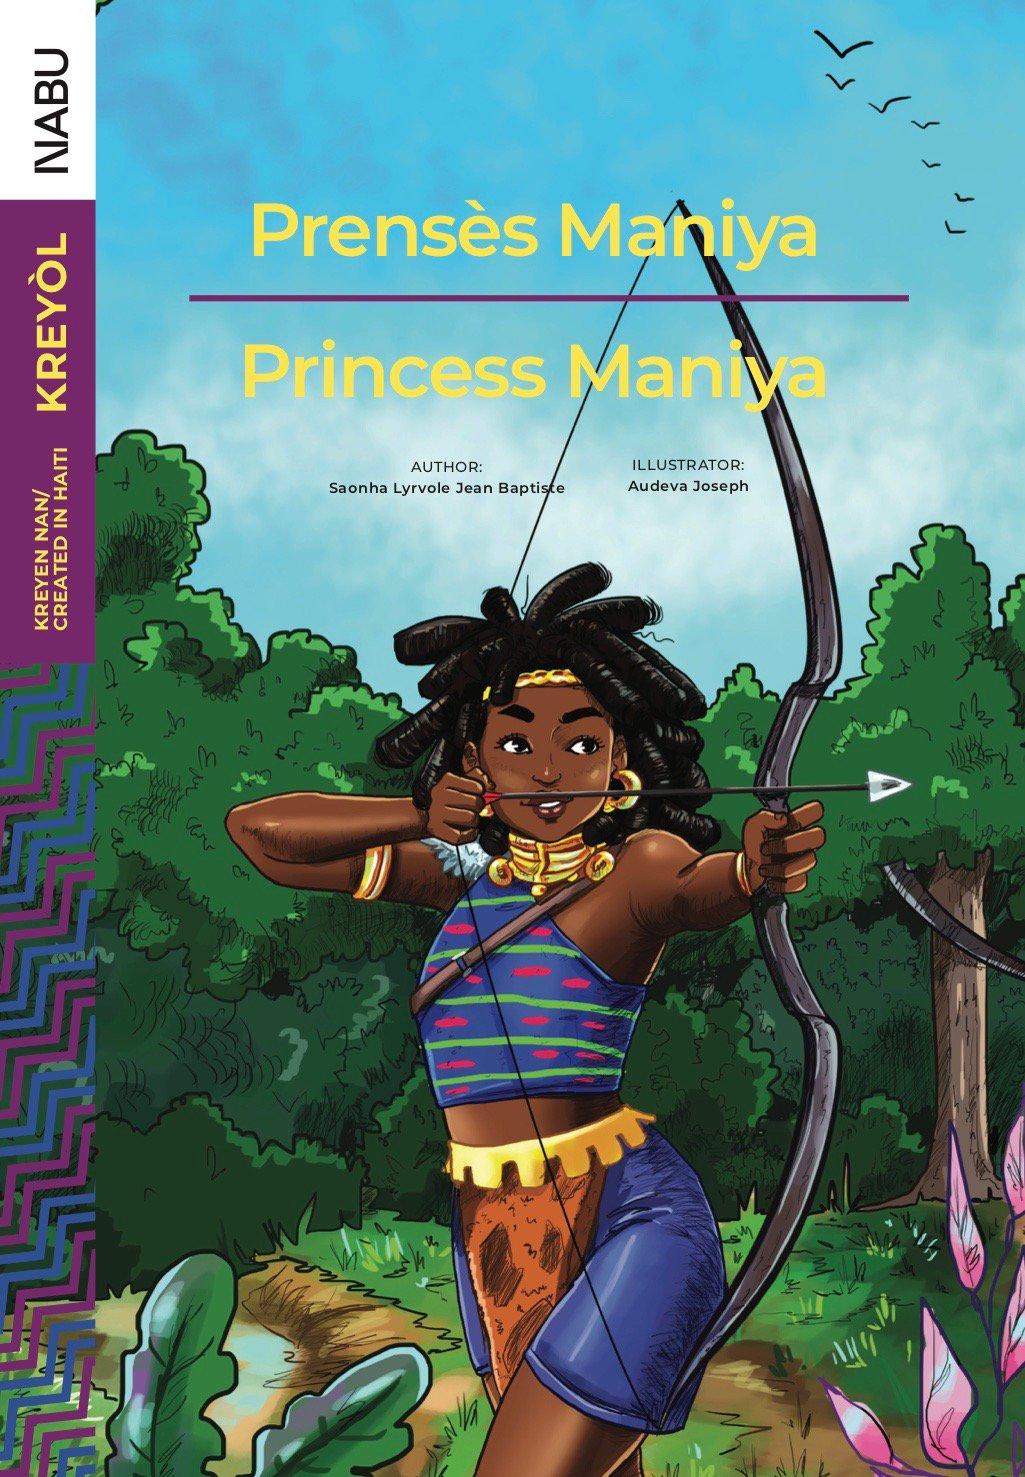 Princess Maniya 2.jpeg